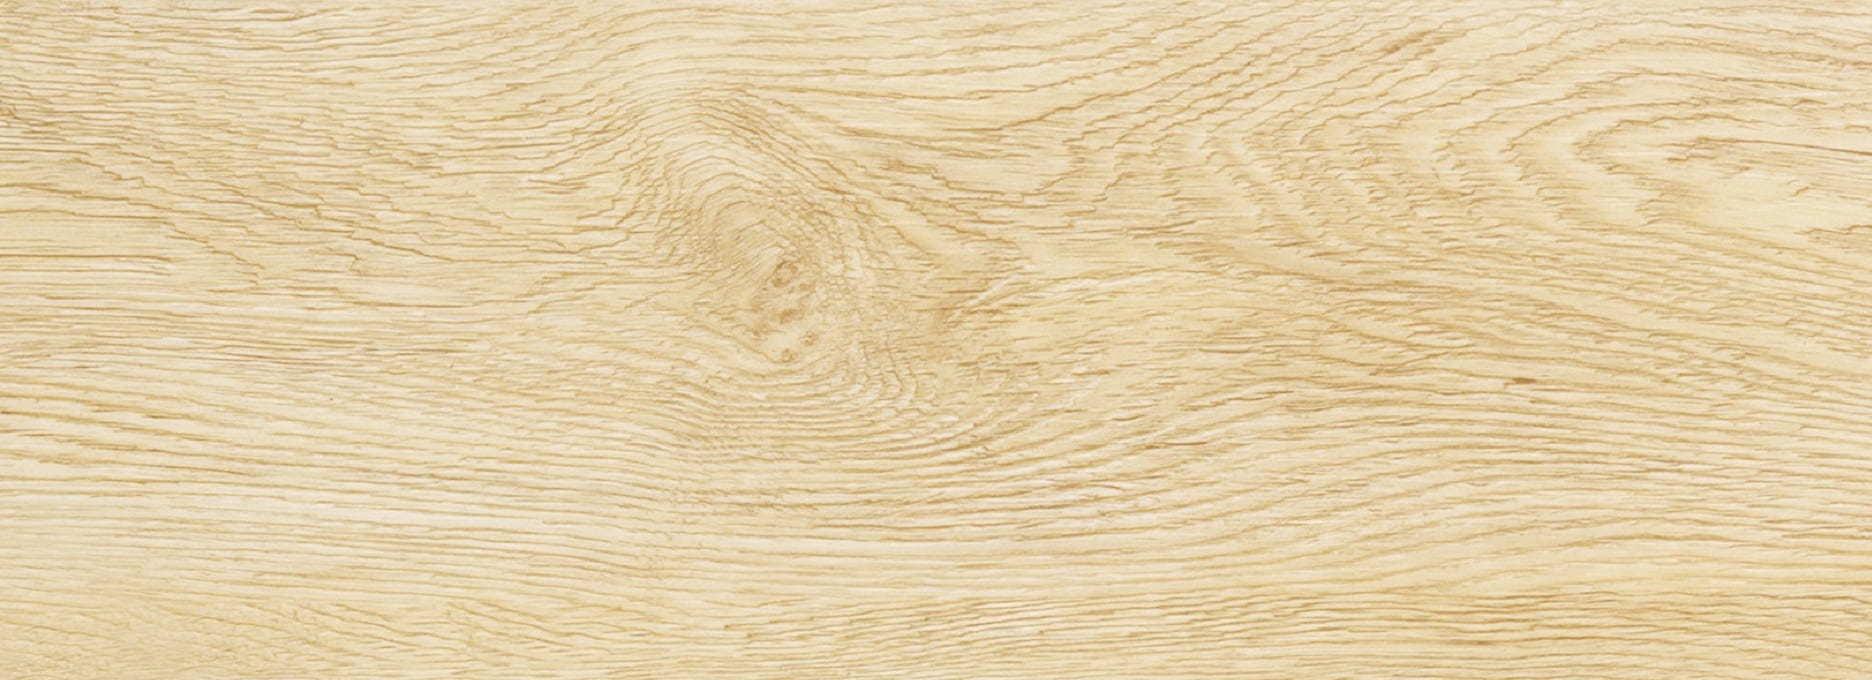 Каменно-полимерный ламинат (SPC) Alpine Floor - Classic Дуб ваниль селект